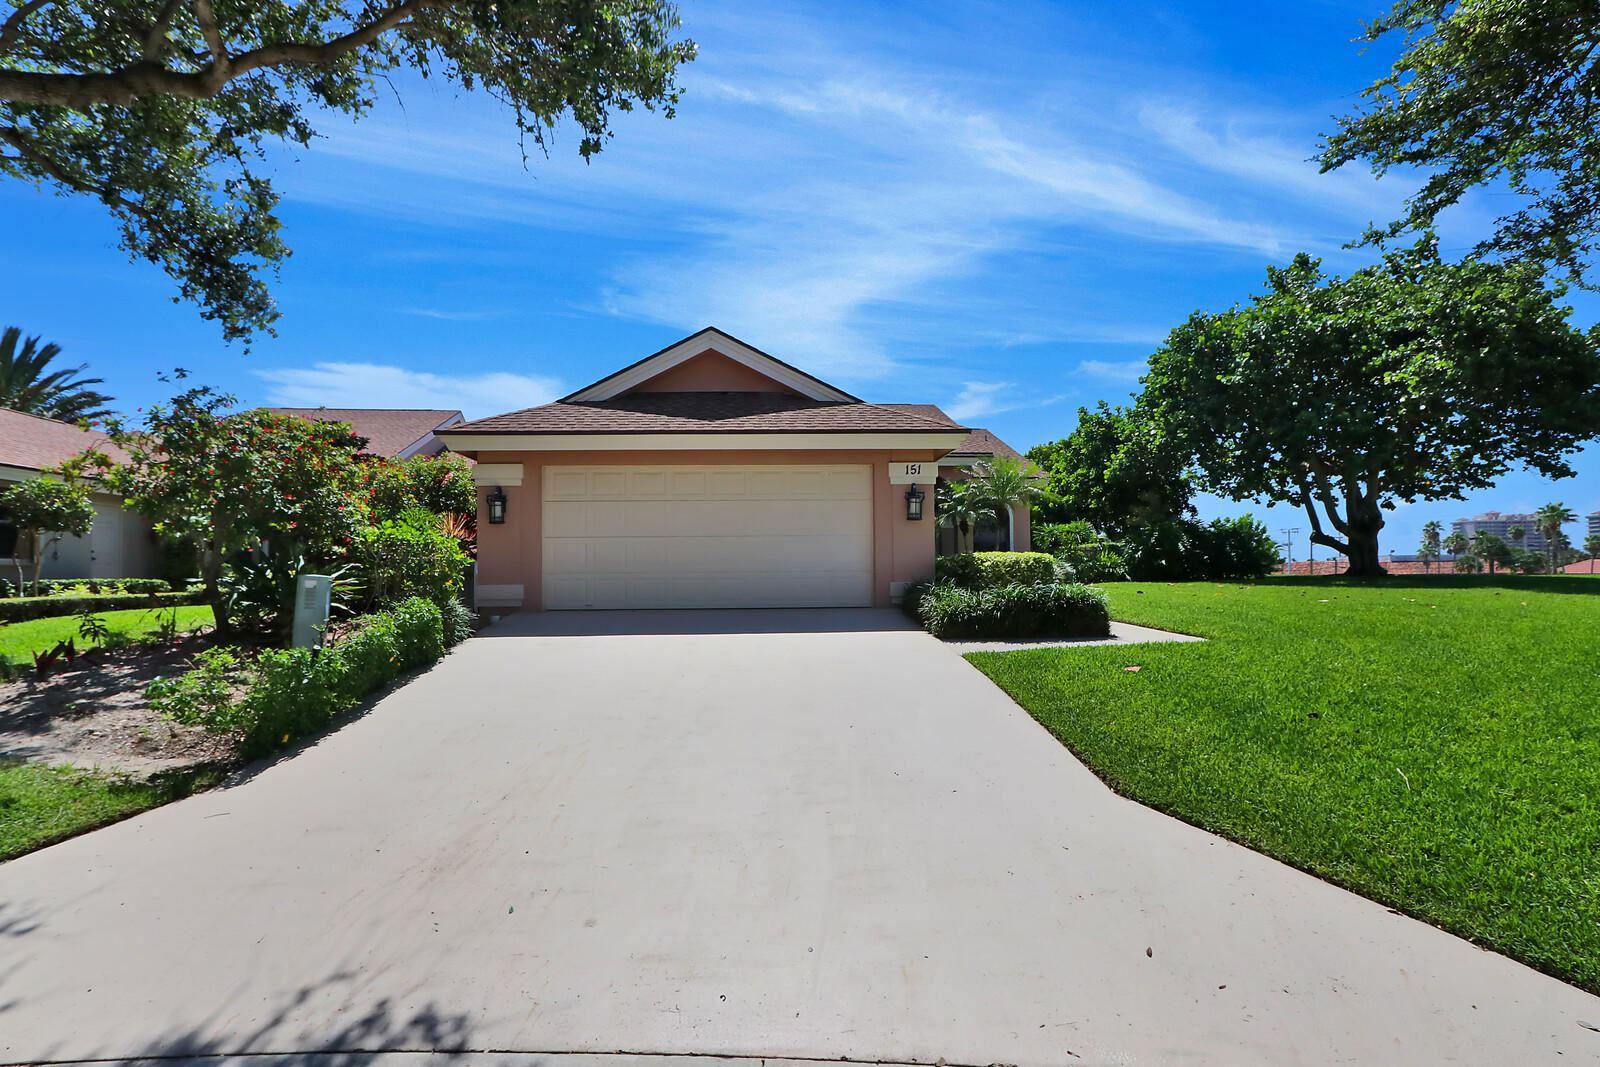 Photo of 151 Ridge Road, Jupiter, FL 33477 (MLS # RX-10630009)